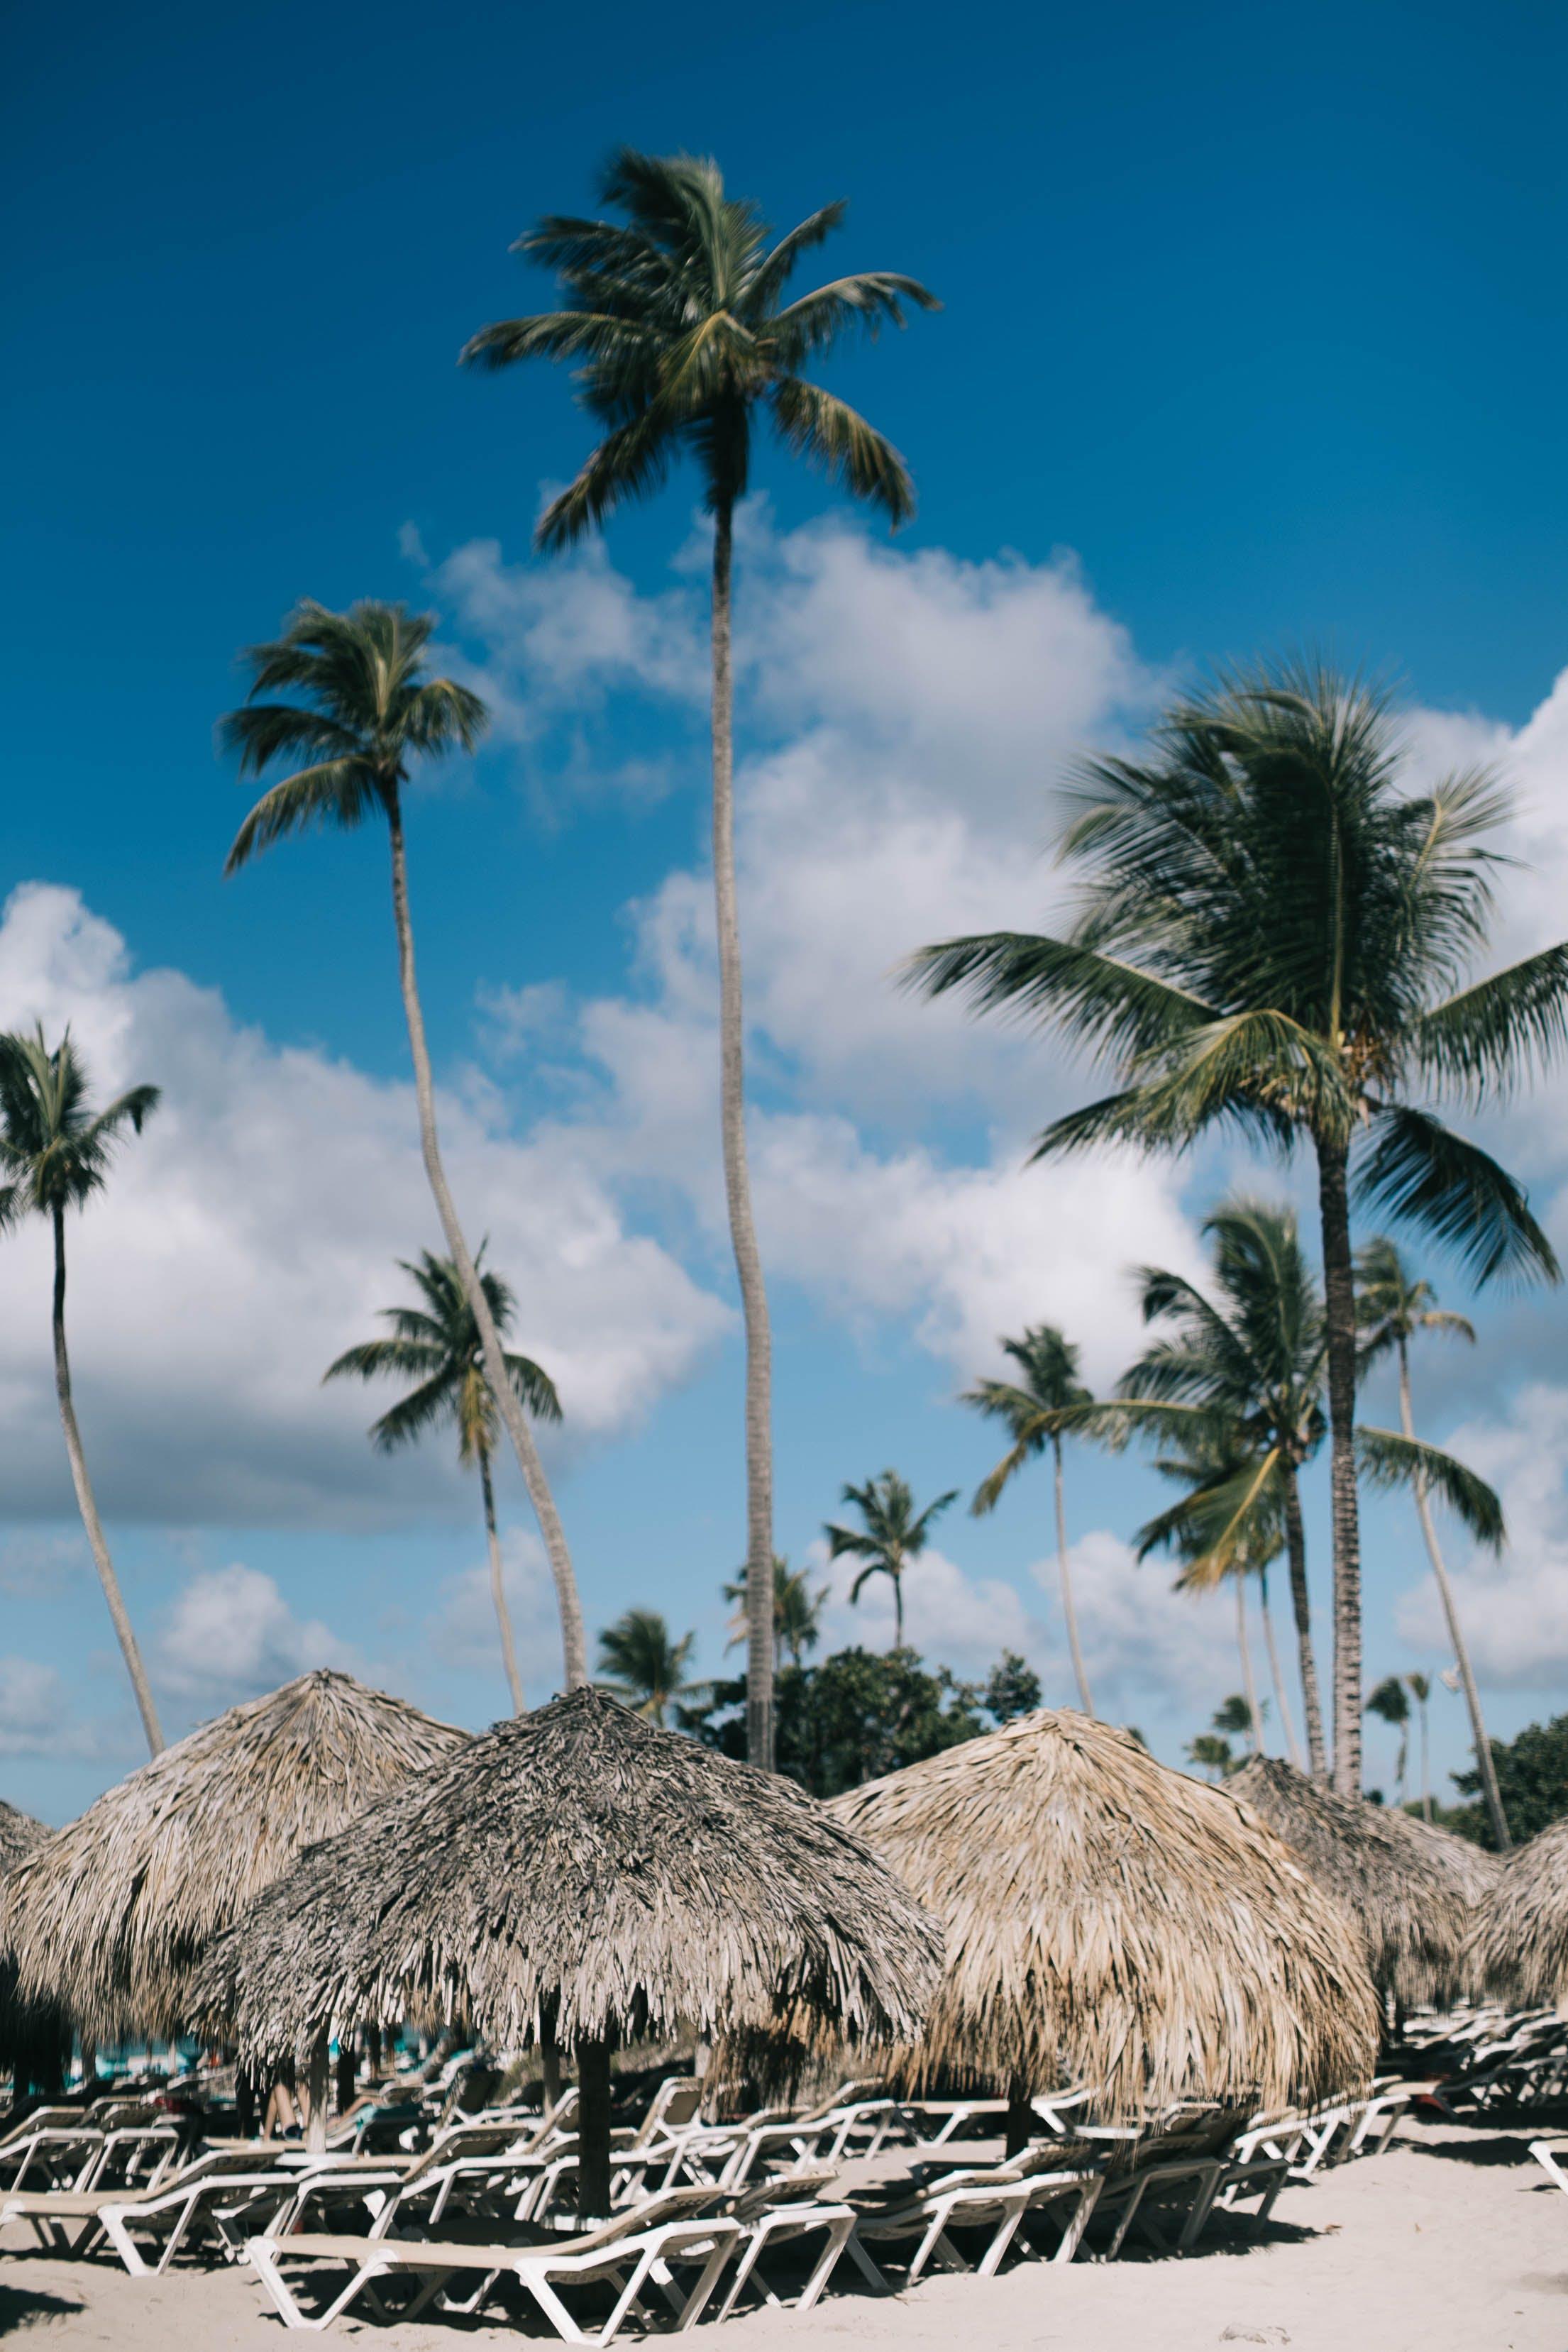 尼帕小屋, 度假村, 棕櫚樹, 椰子樹 的 免費圖庫相片